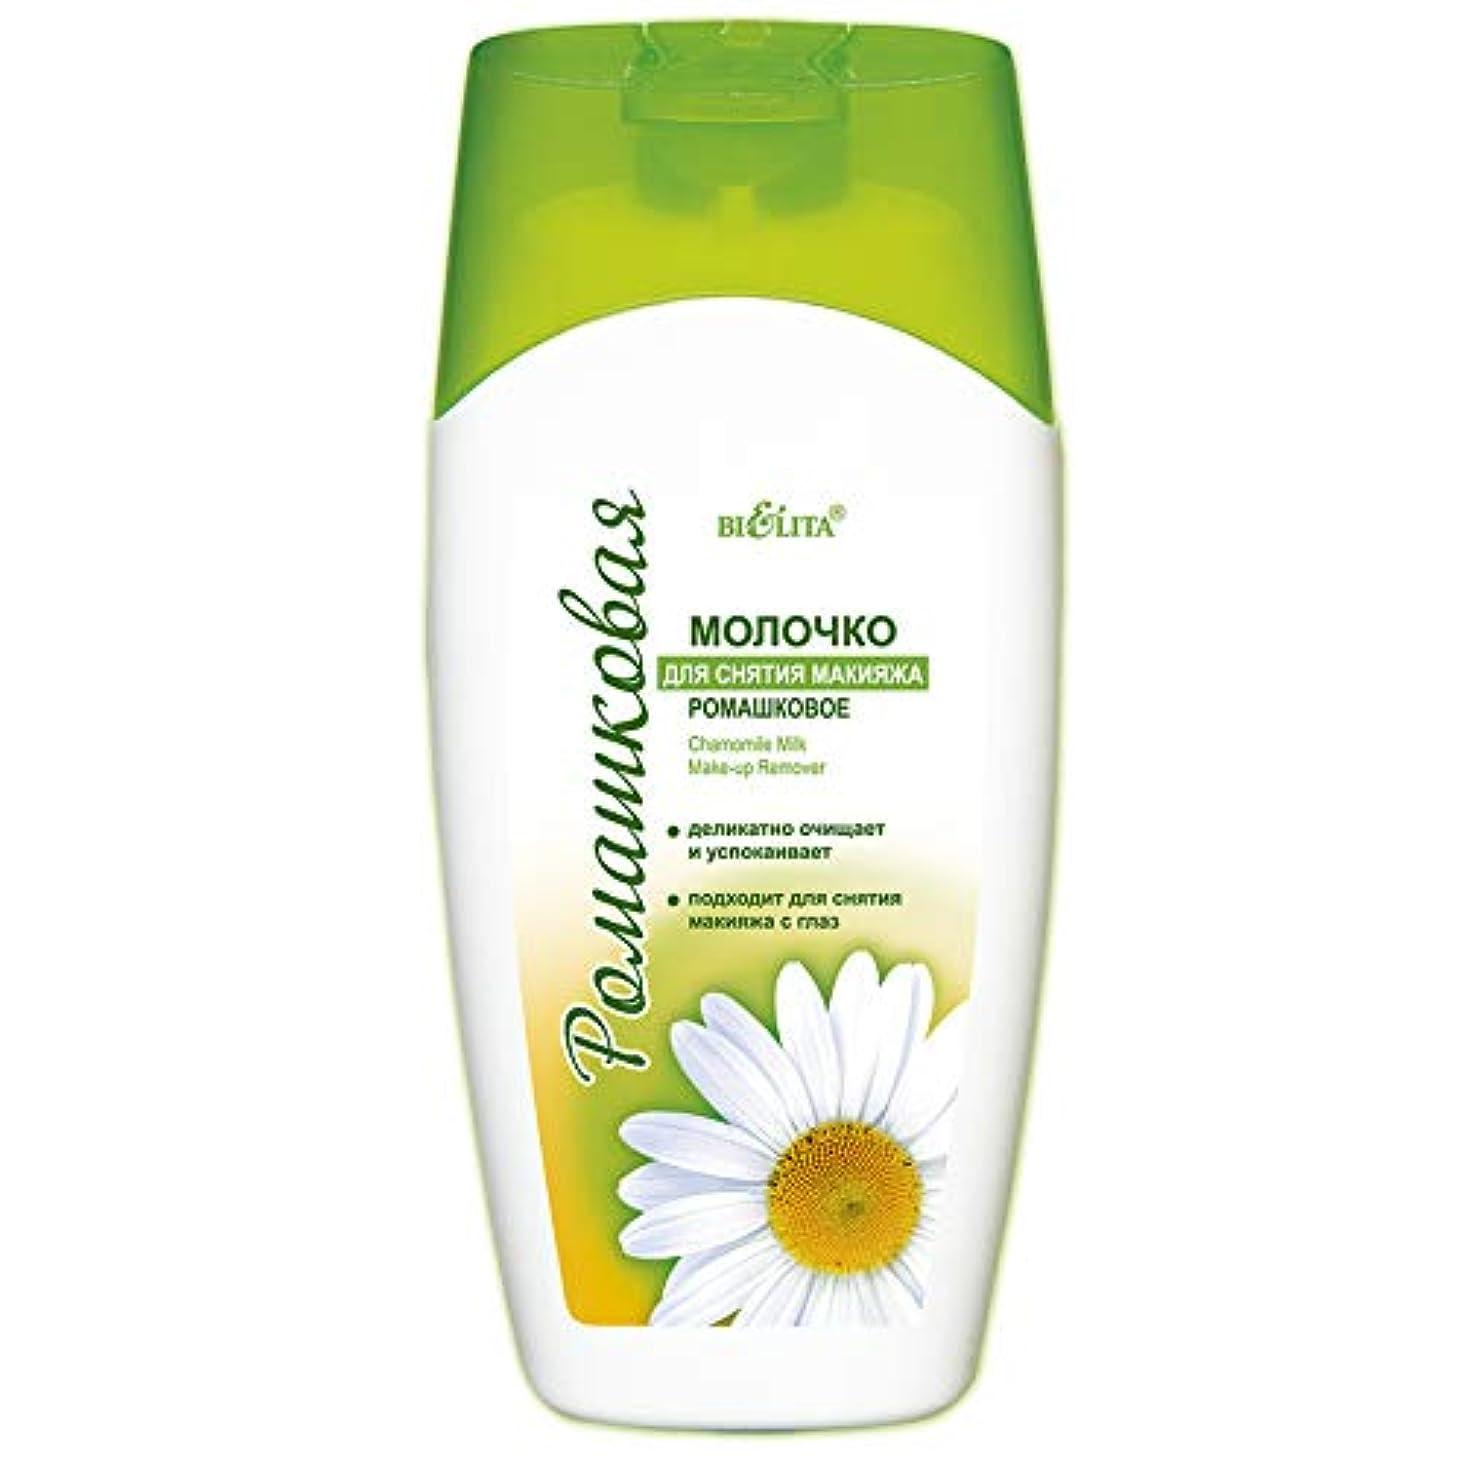 予防接種内側キャリッジBielita & Vitex | Chamomile Line| Make Up Remover for Eyes and Face for All Skin Types, 200 ml | Chamomile, Allantoin...